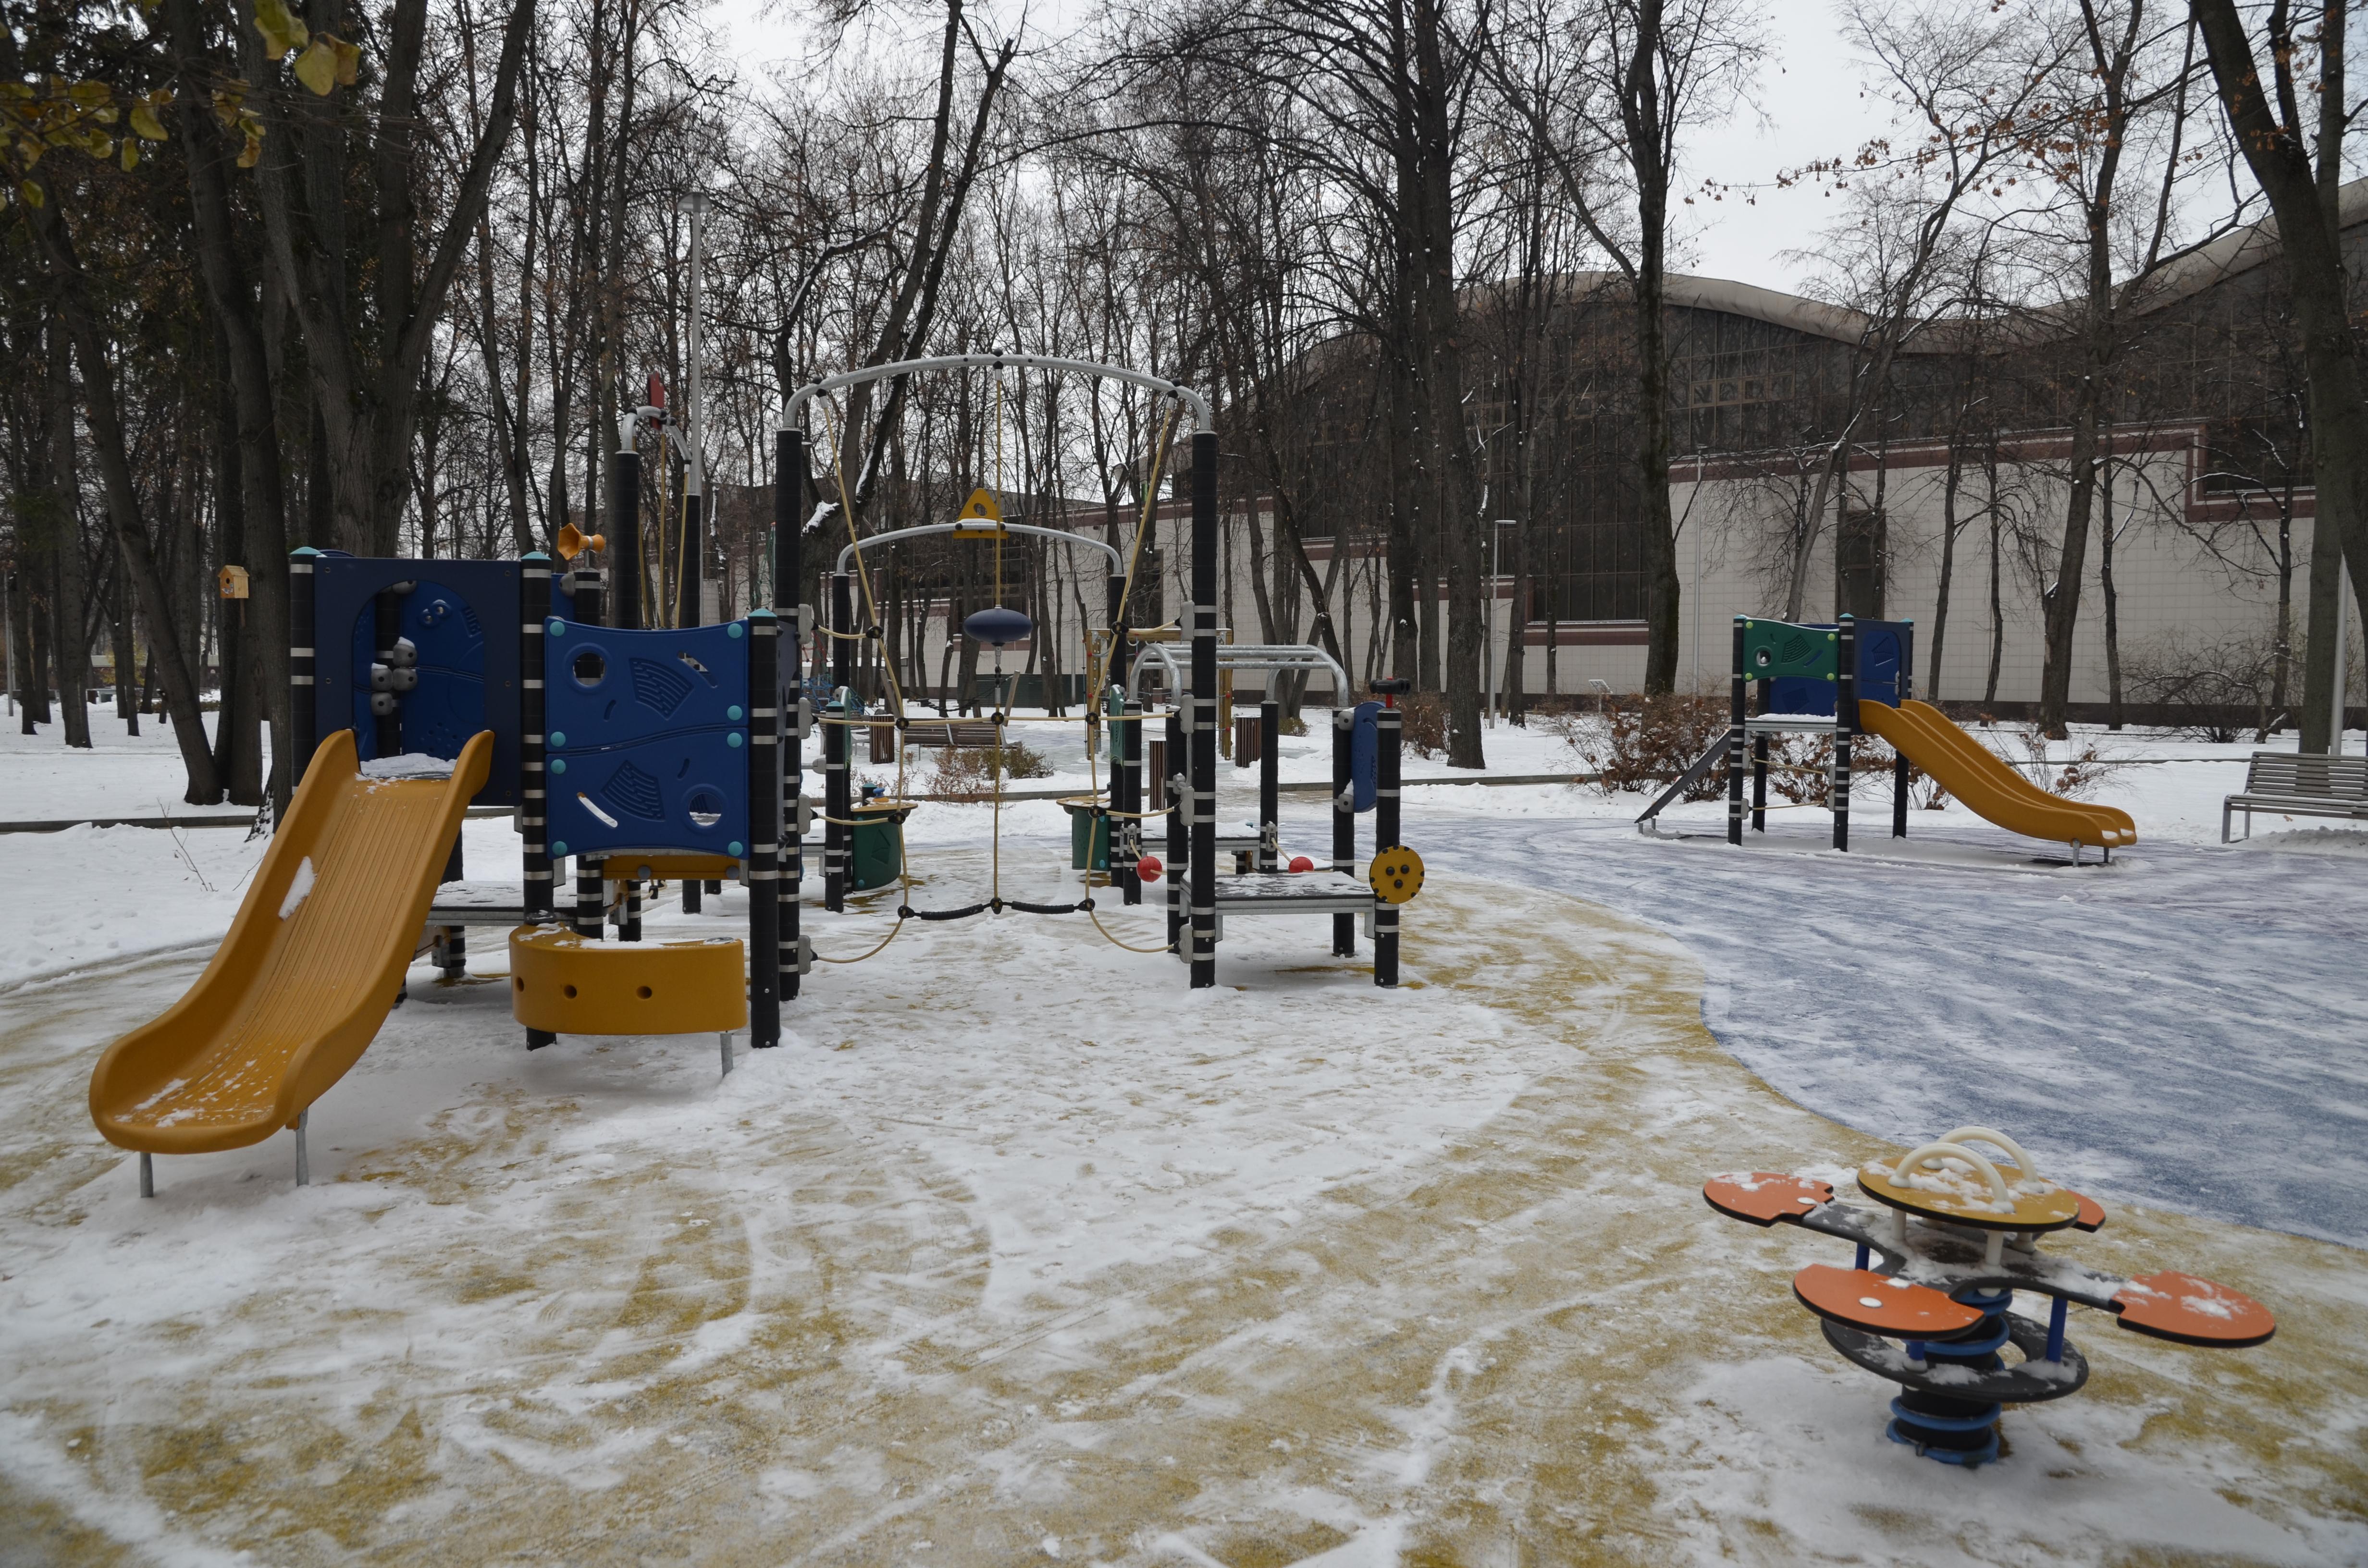 Жители Краснопахорского выбрали формат благоустройства детской площадки в поселении